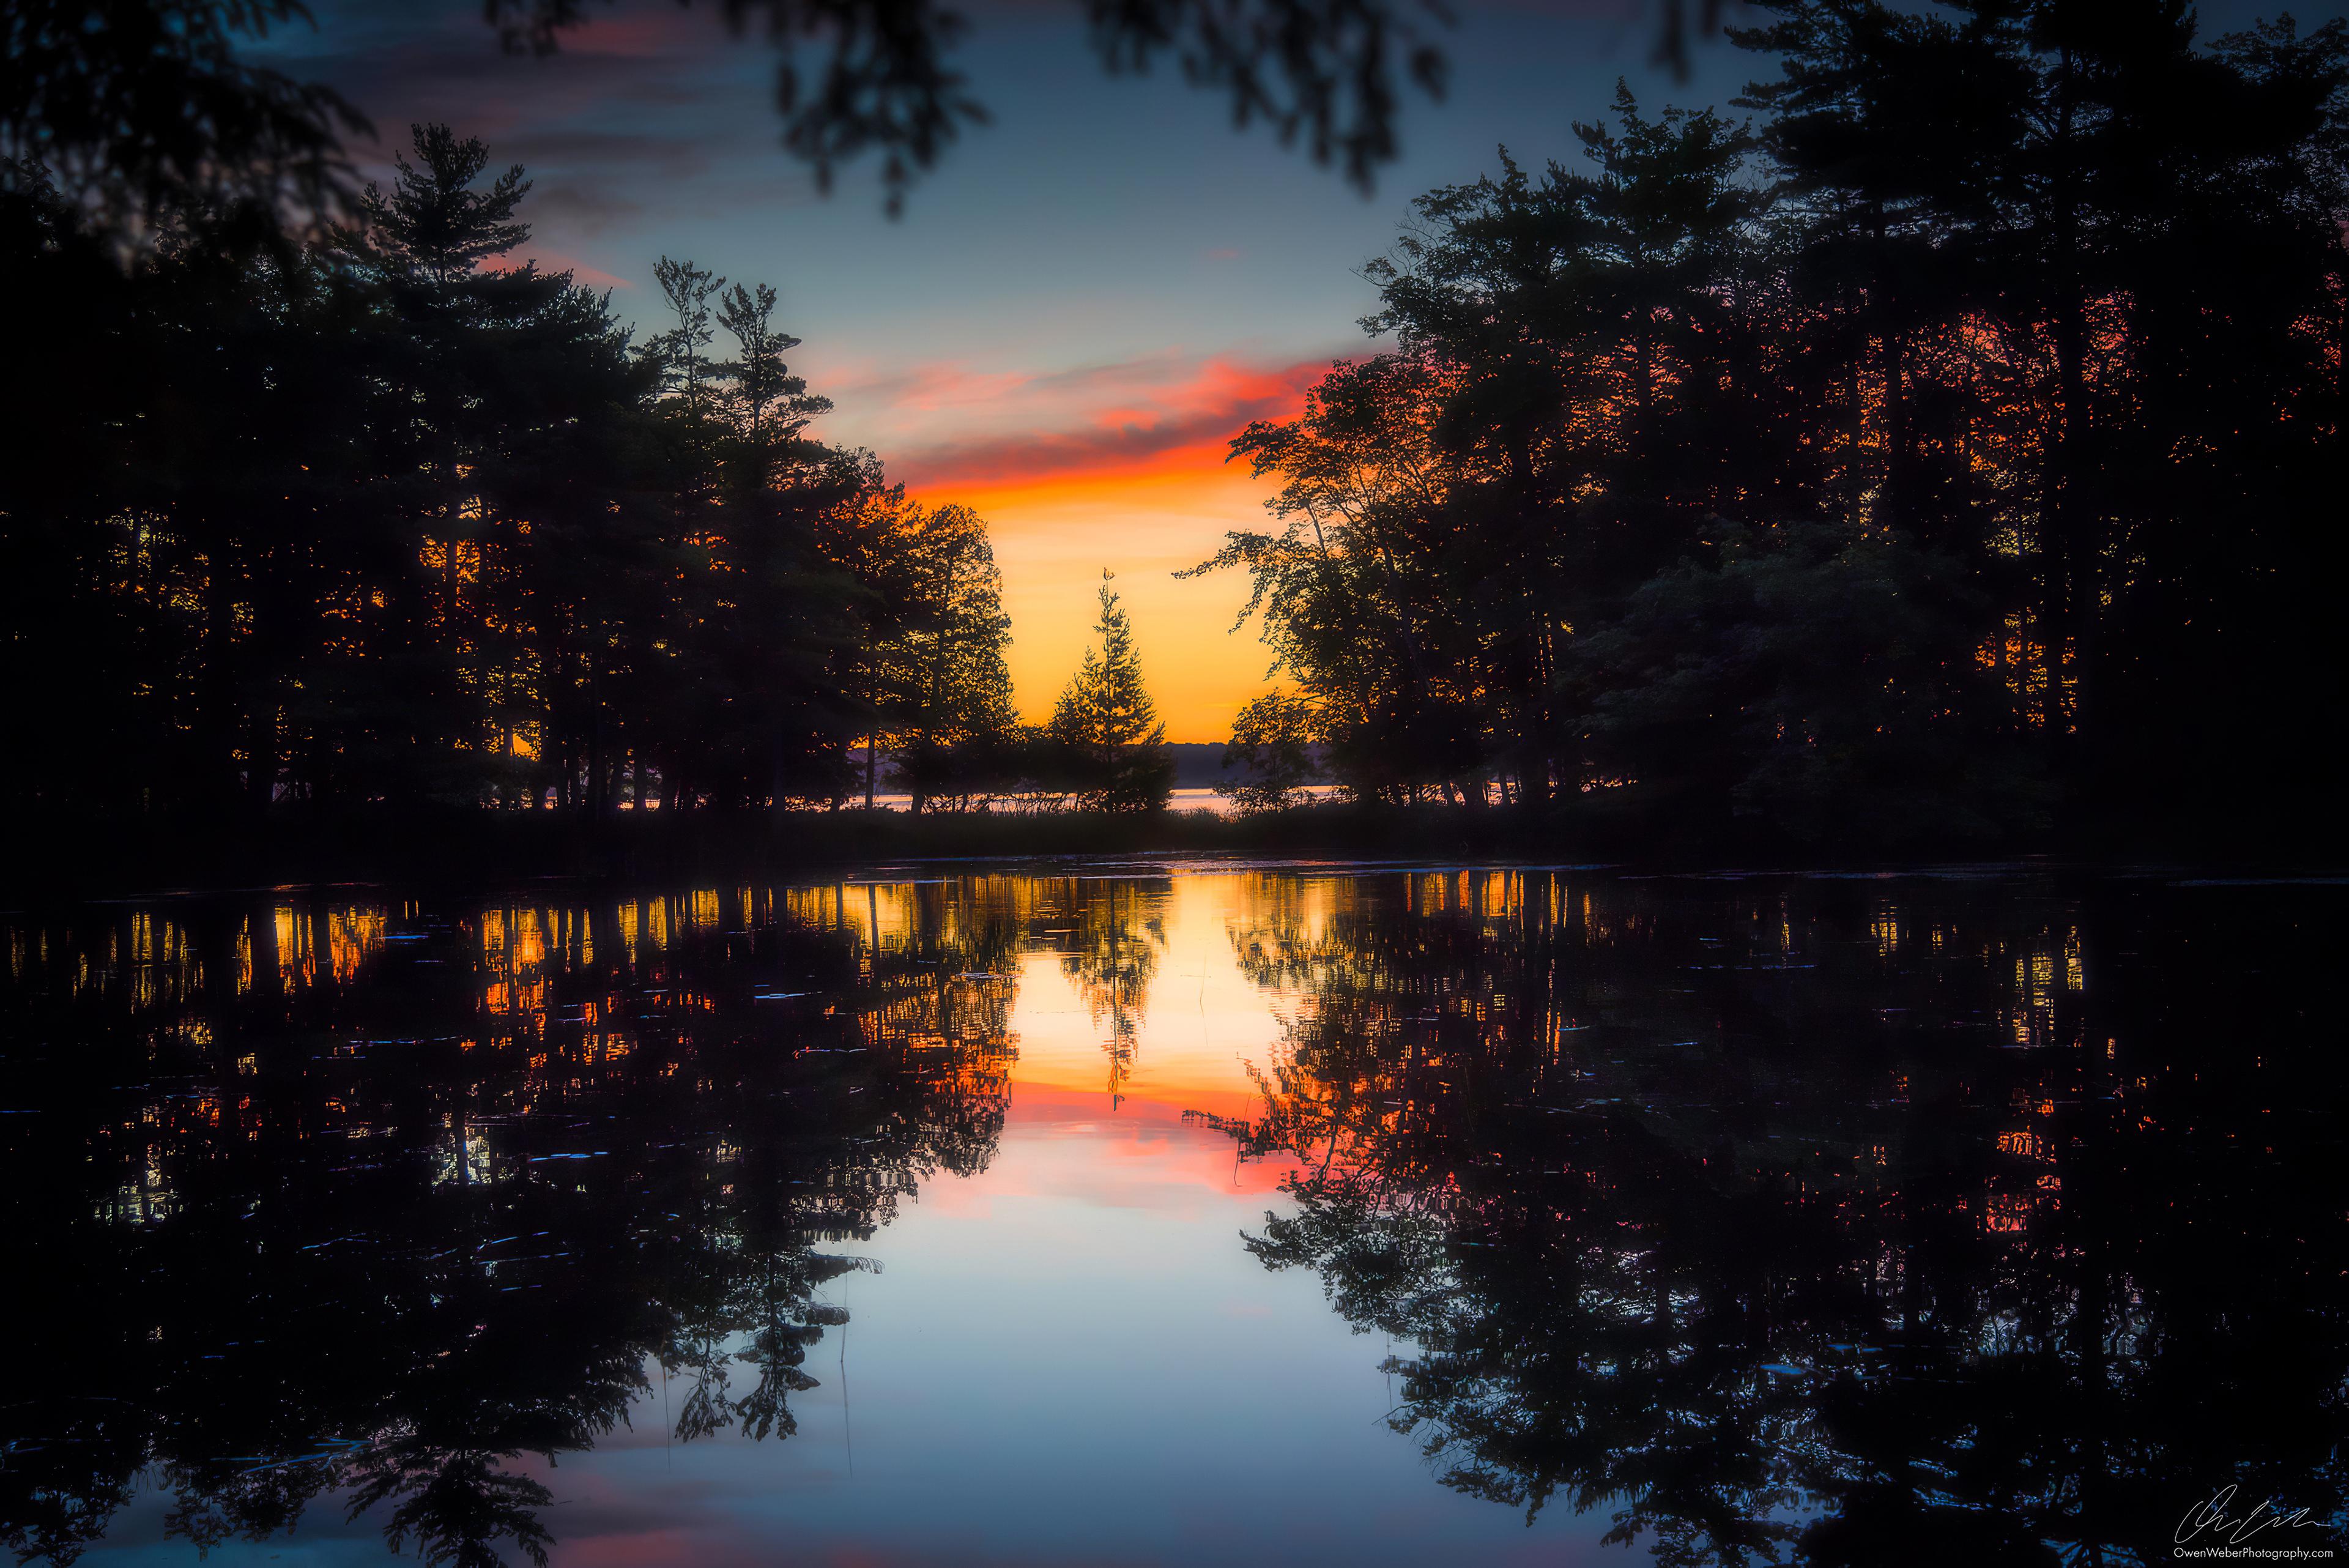 morning glow reflection lake 1579380683 - Morning Glow Reflection Lake - Morning Glow Reflection Lake wallpapers, Morning Glow Reflection Lake 4k wallpapers